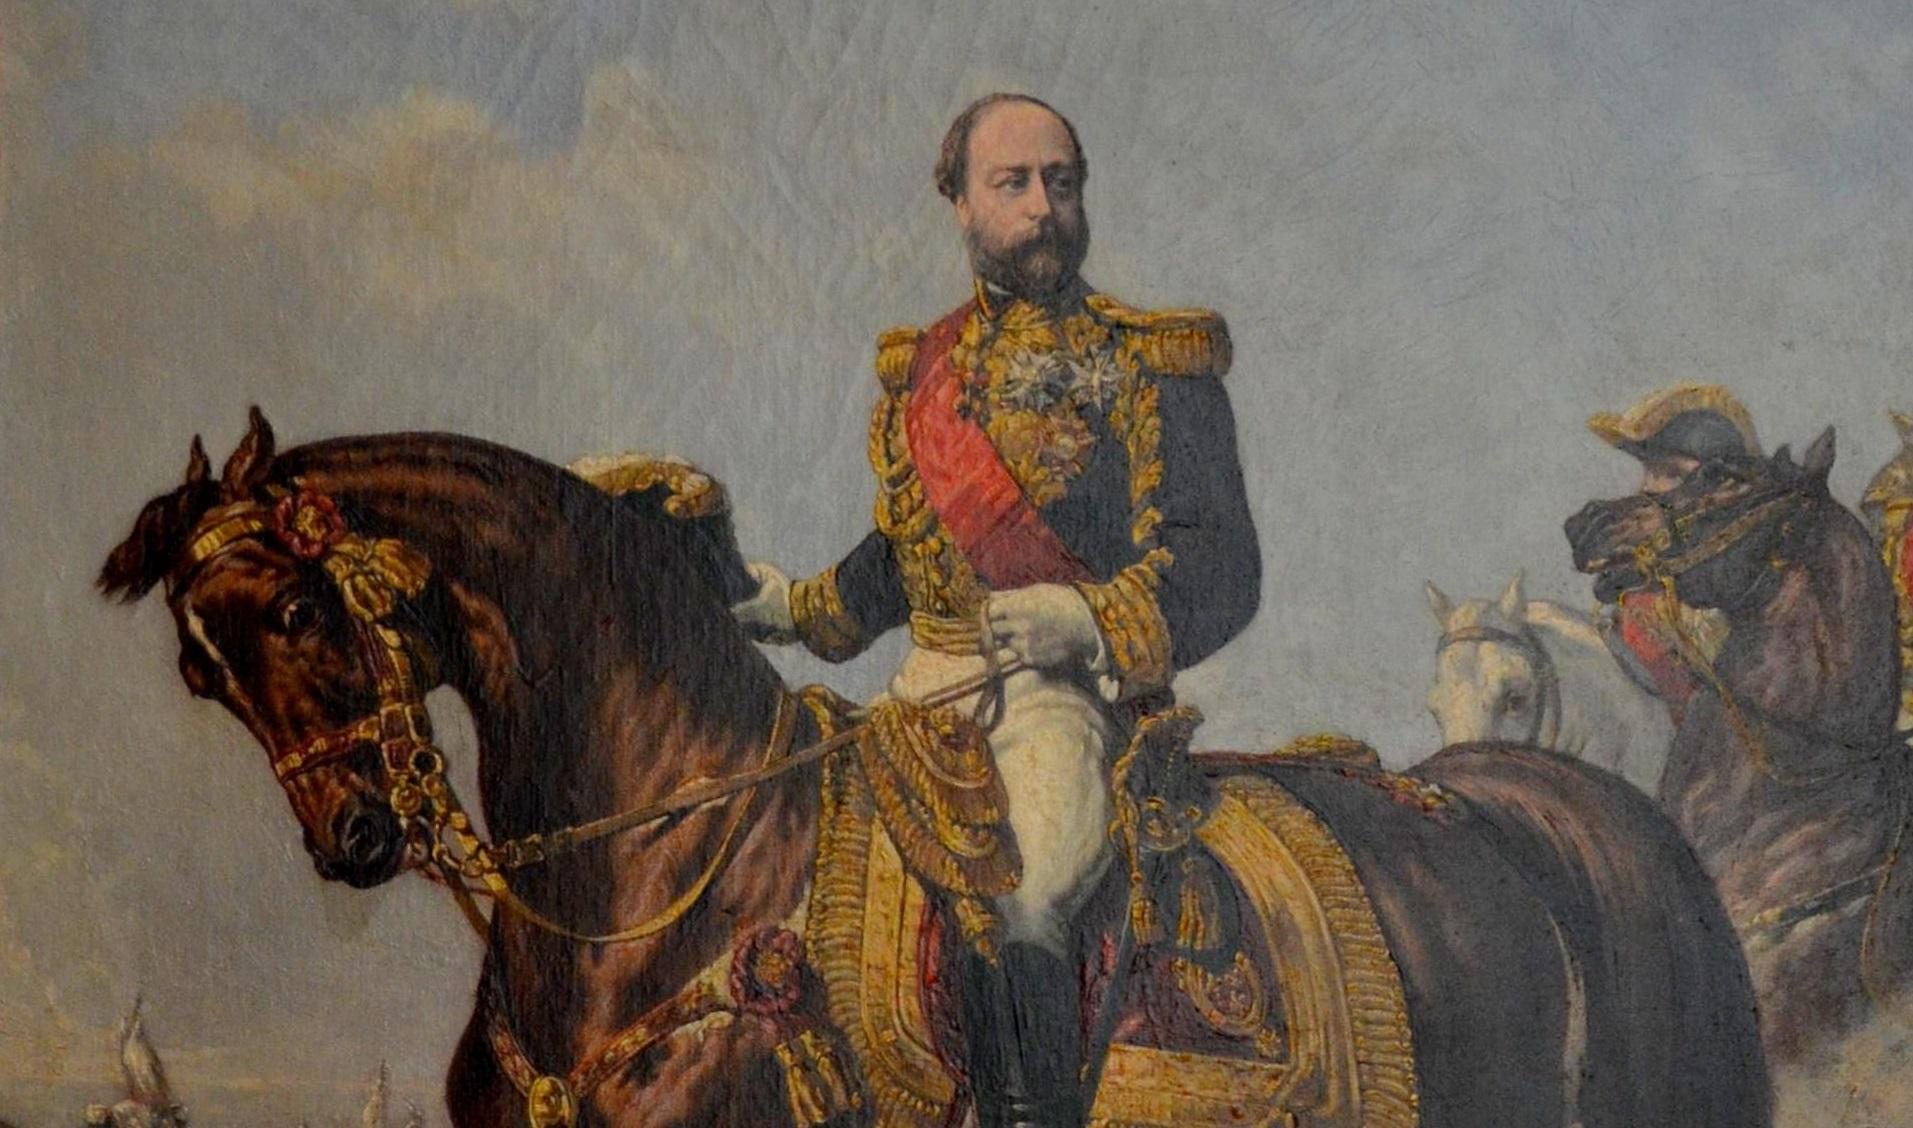 Henri V d'Artois, comte de Chambord